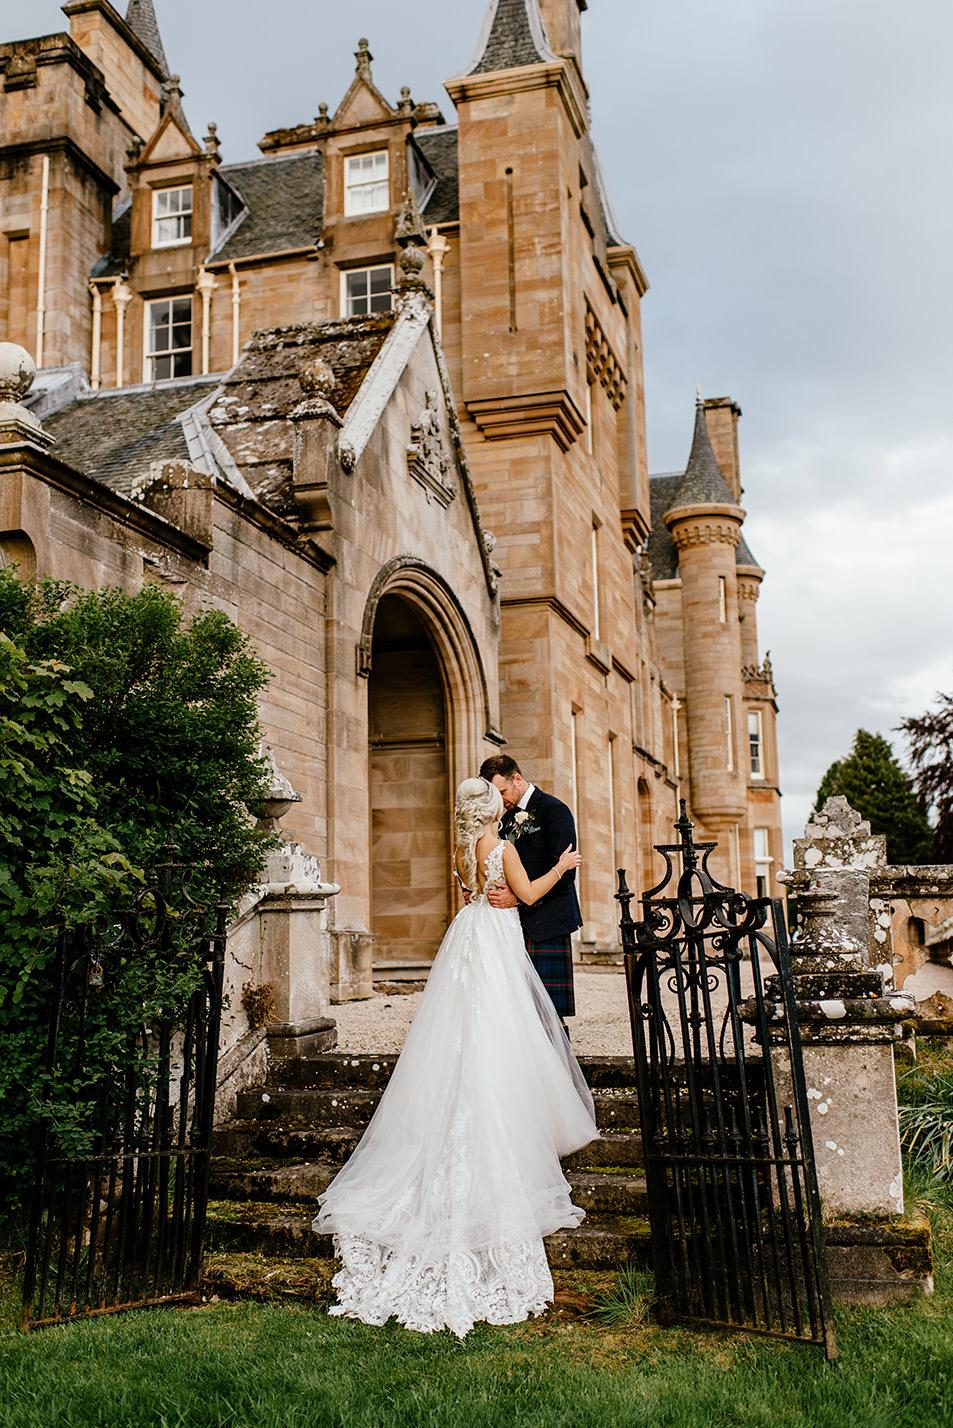 whimsical-Scottish-wedding-at-Ardross-Castle-079.jpg